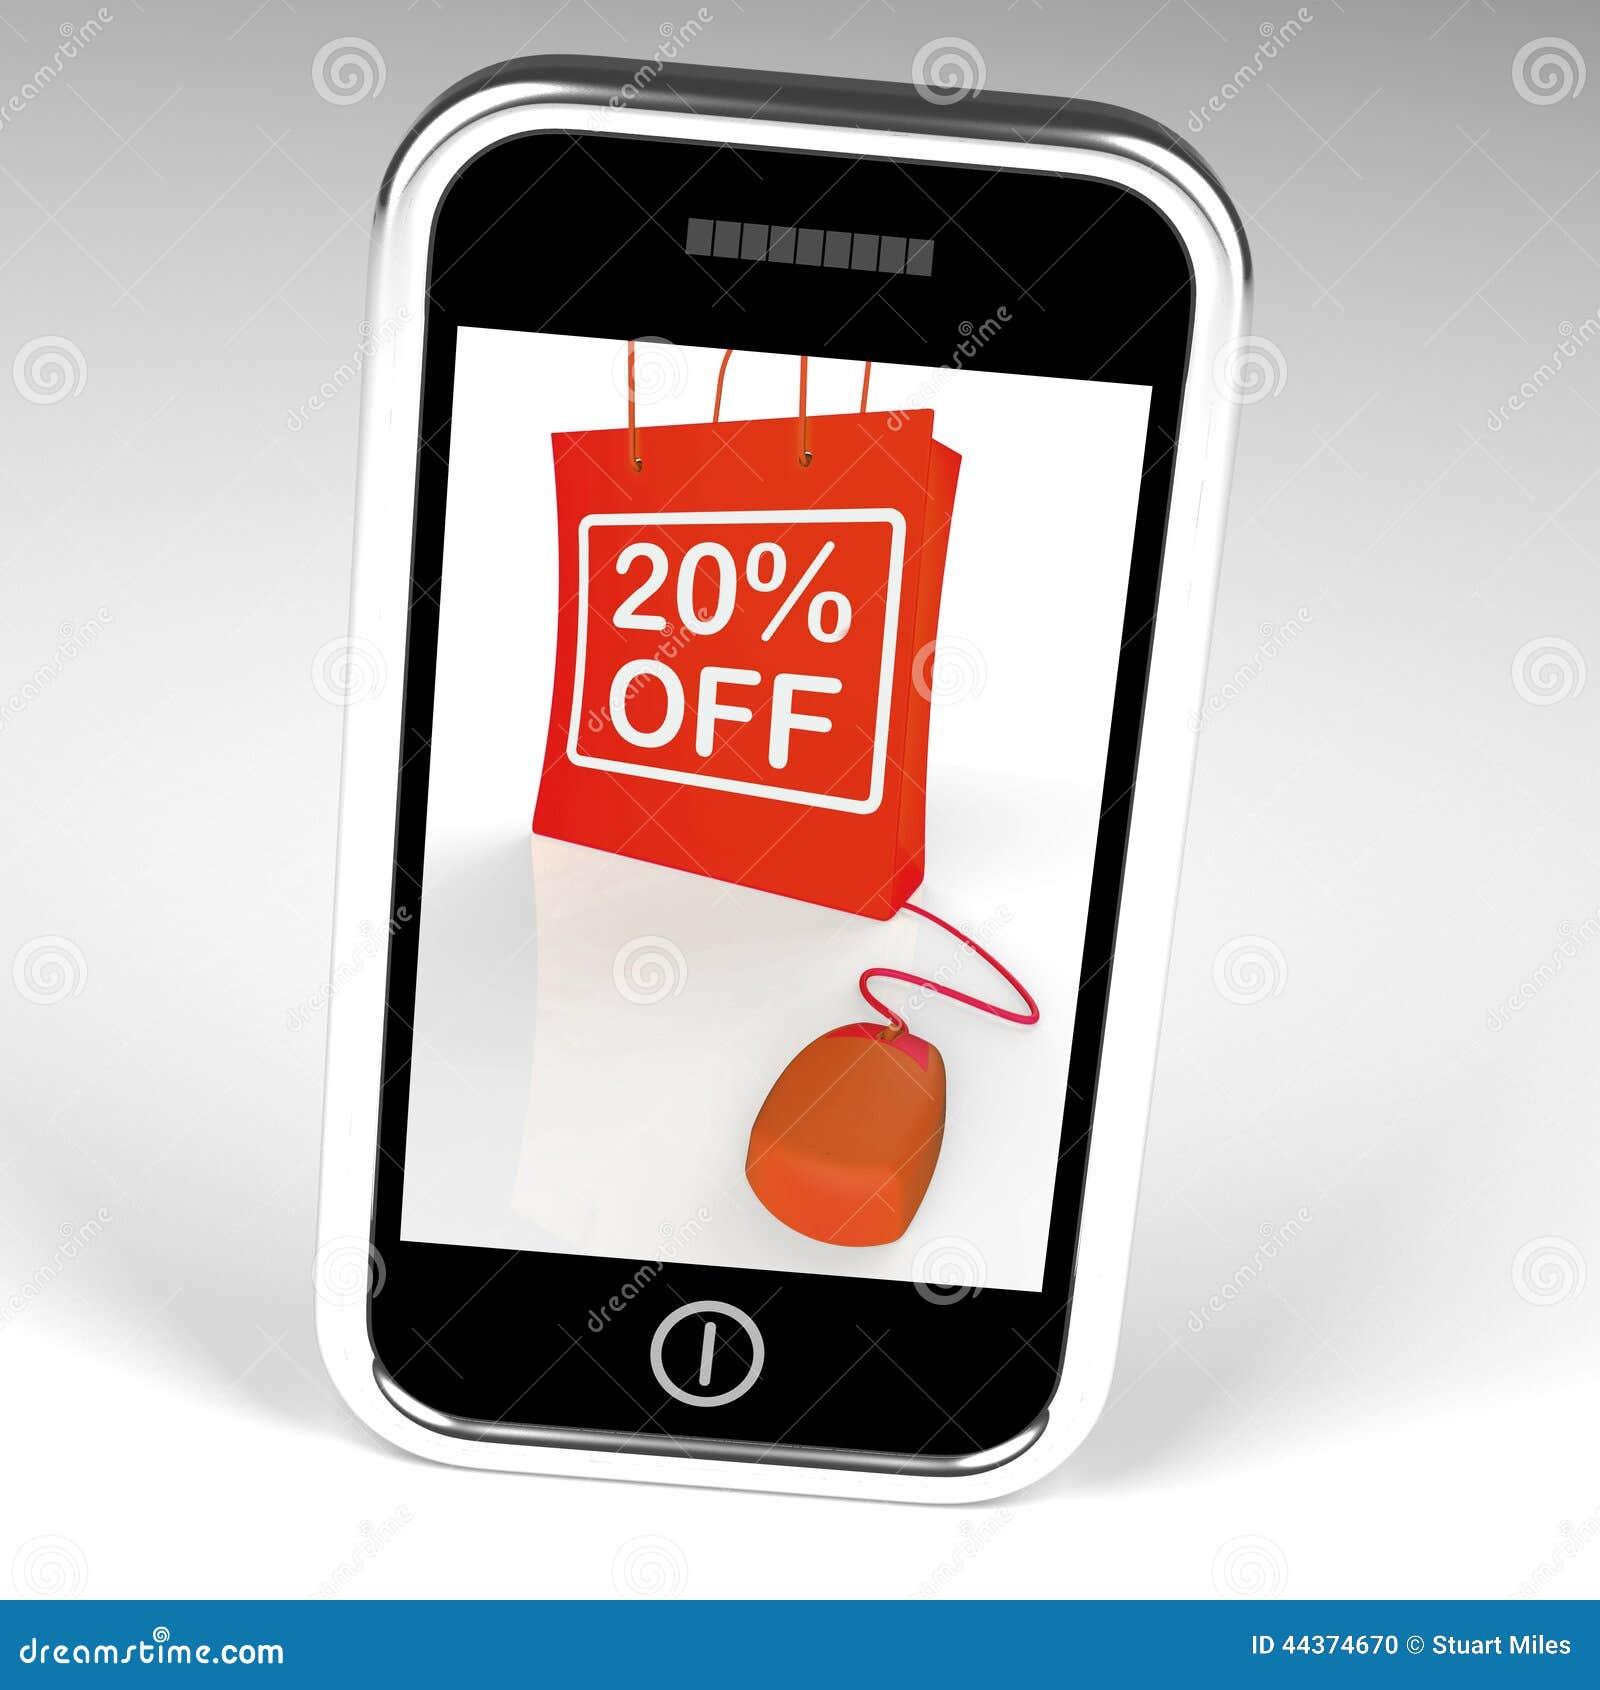 Venti per cento fuori dalla borsa visualizzano online 20 vendite e sconti